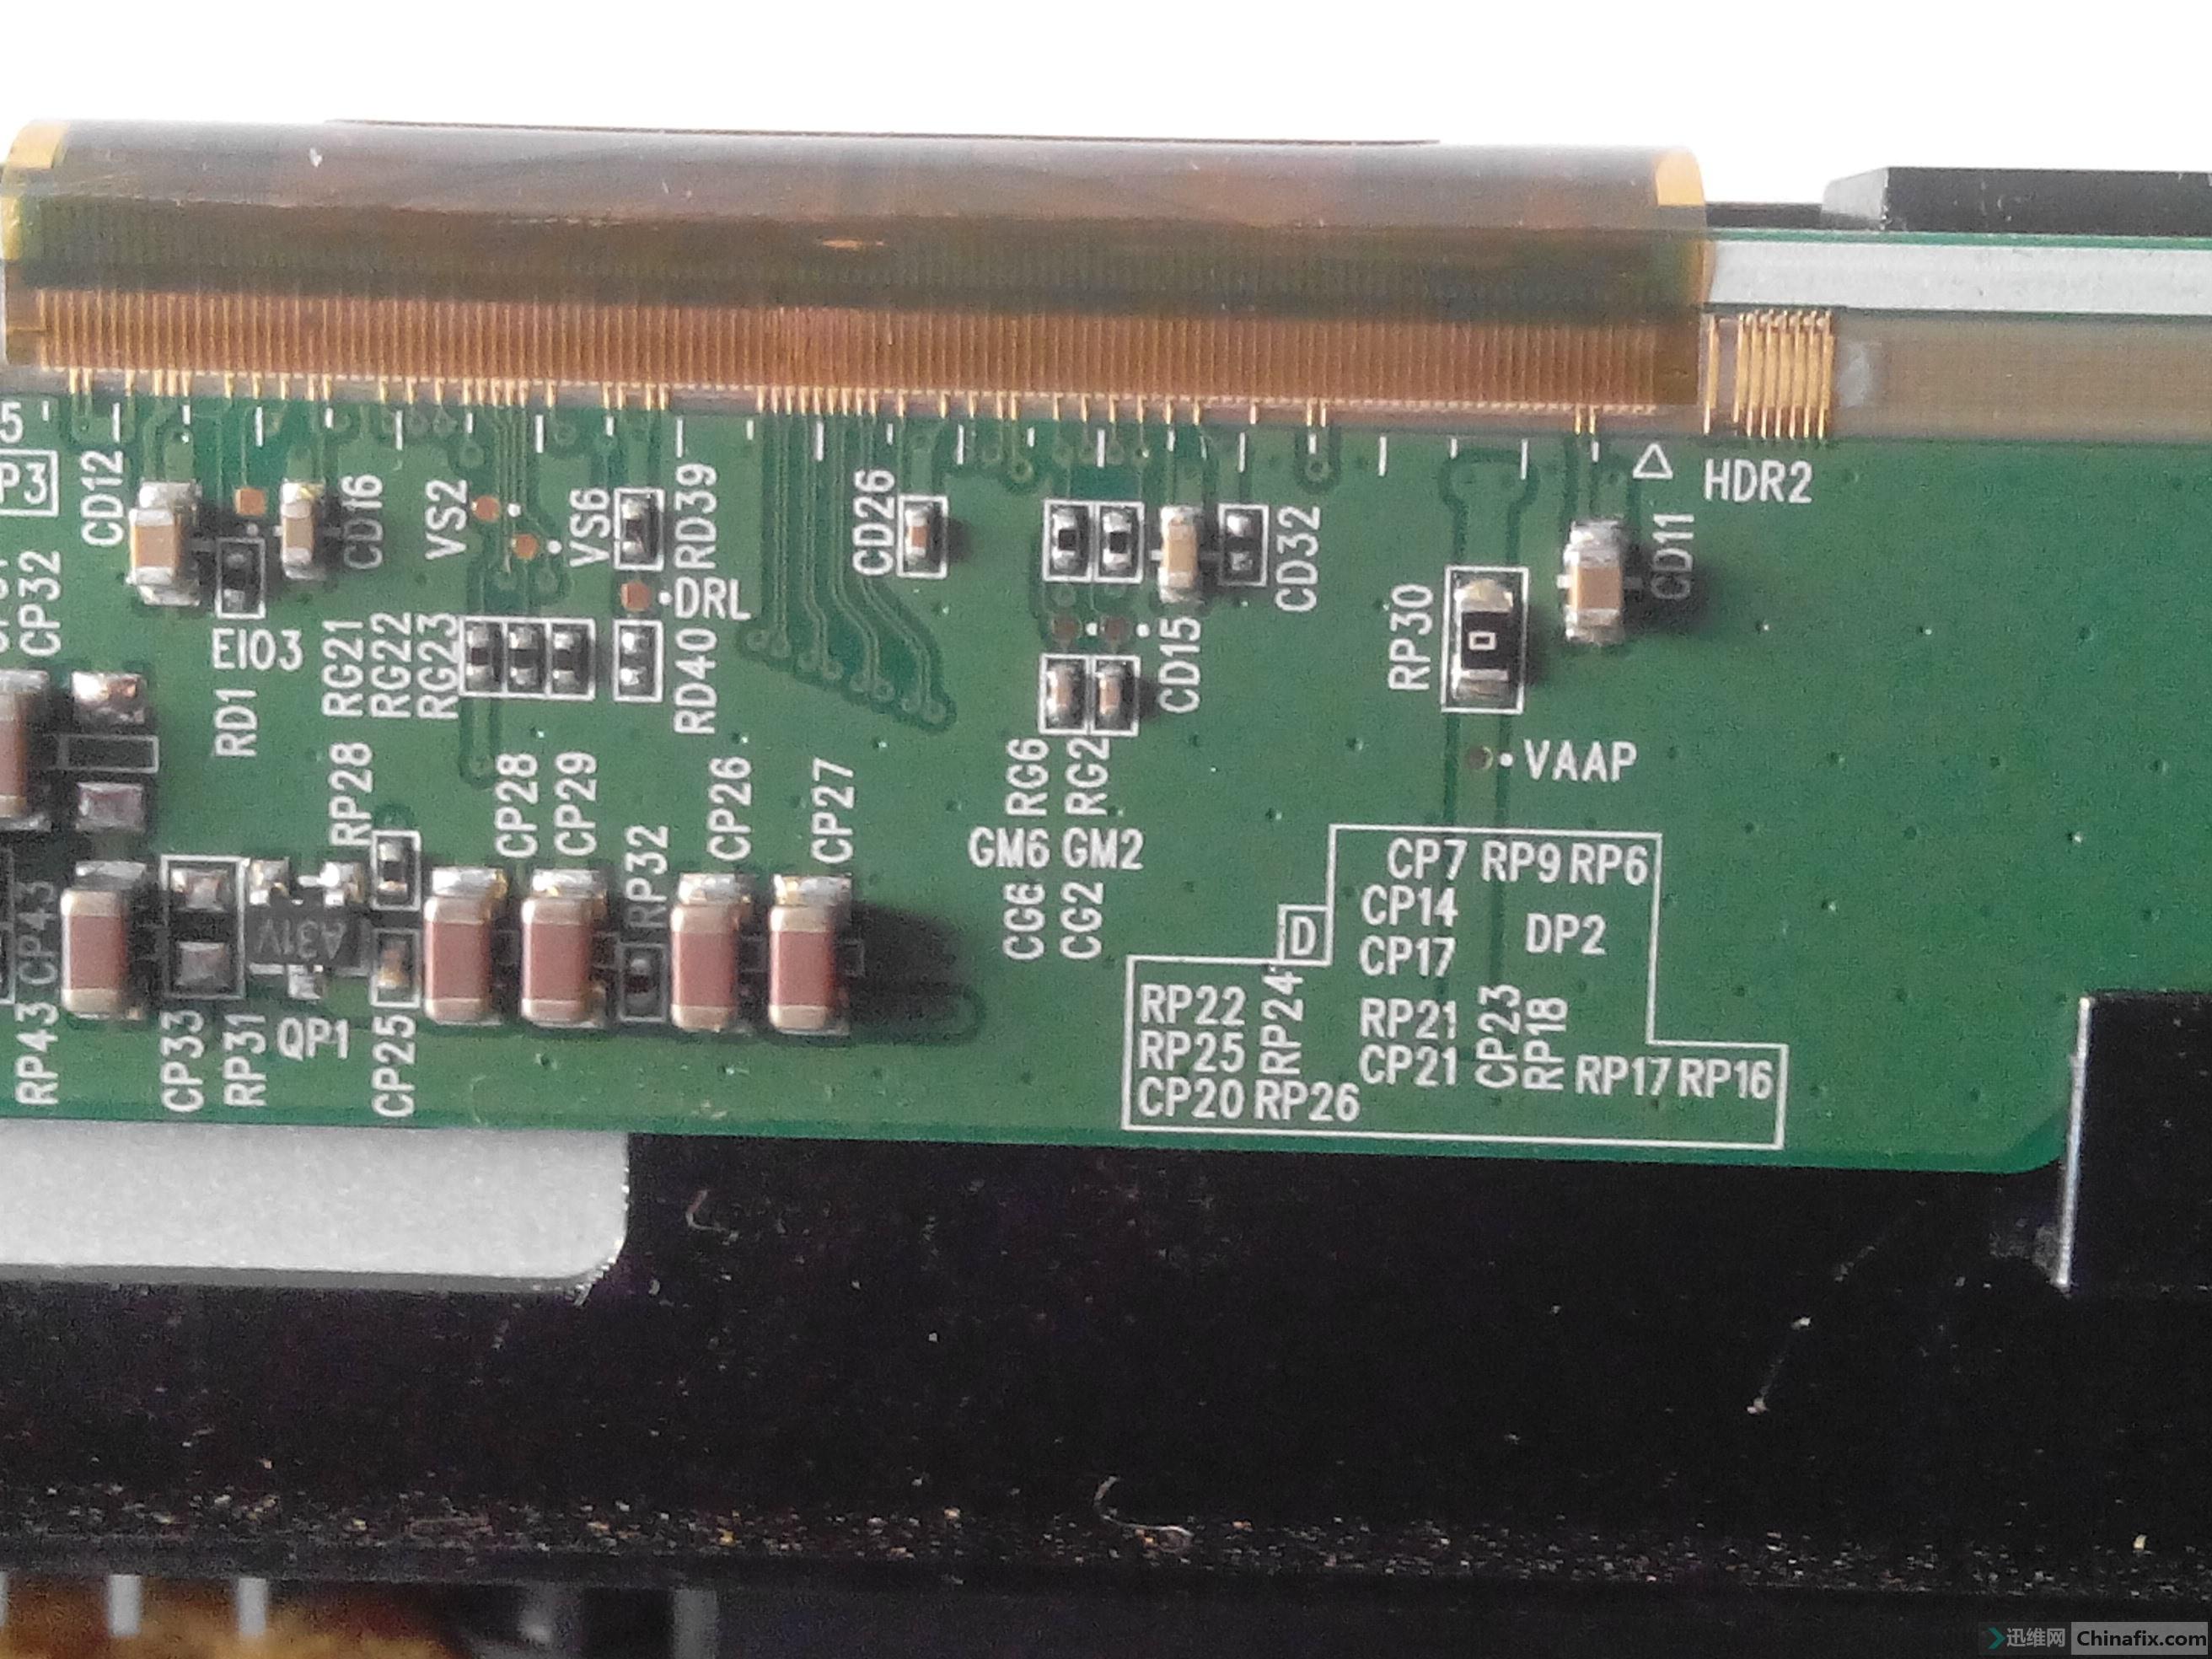 电源板测量电压正常 主板可能正常 现正测试逻辑板各路电压如下VGL -5.49V VGH 2.06V VGHP 2.06V VDD33 3.28V VDD18 1.78V GVOFF 3.26V PWRON 0 V -----------是否正常,,是 现请教以下问题 1.标注QP1 A31V是什么管子 开机测量其上面两只脚的电压均为11.36v 而下面一只脚为0v 是否正常 2.